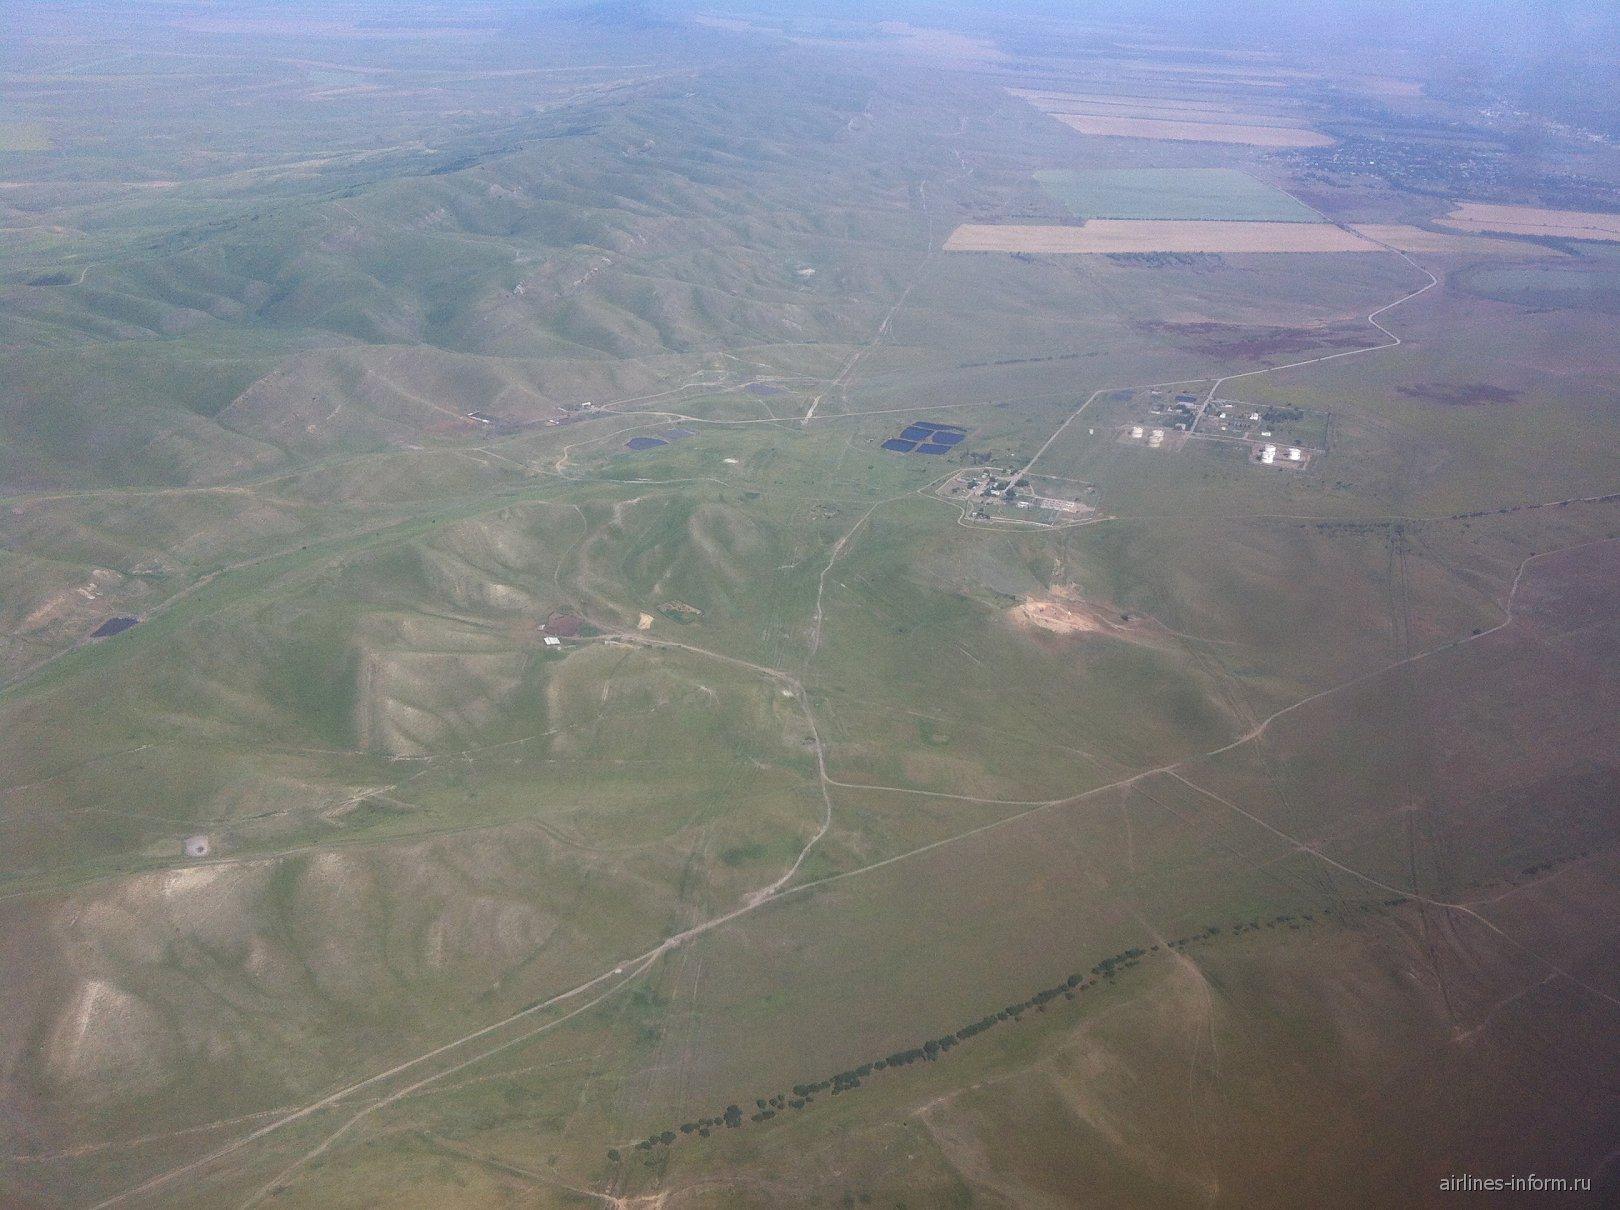 В полете над Чечней перед посадкой в аэропорту Грозный